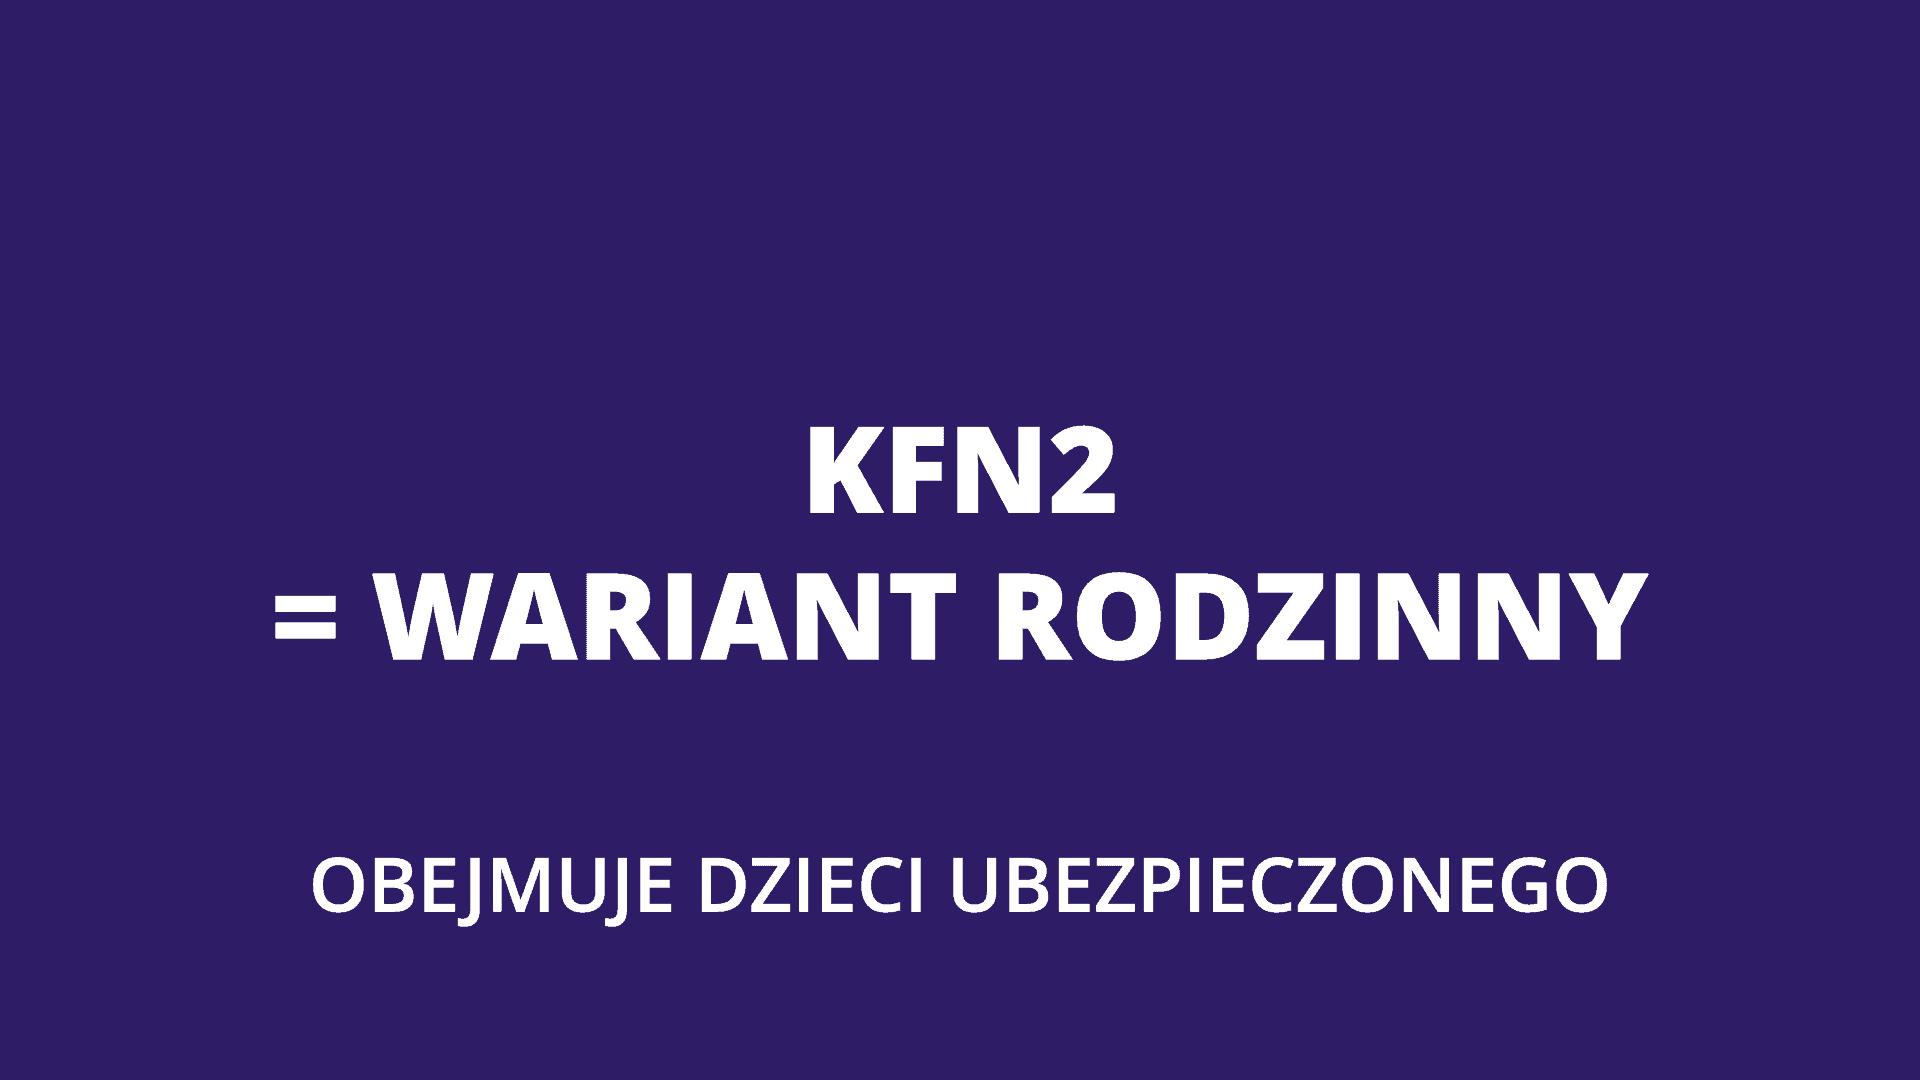 KFN2 wariant rodzinny